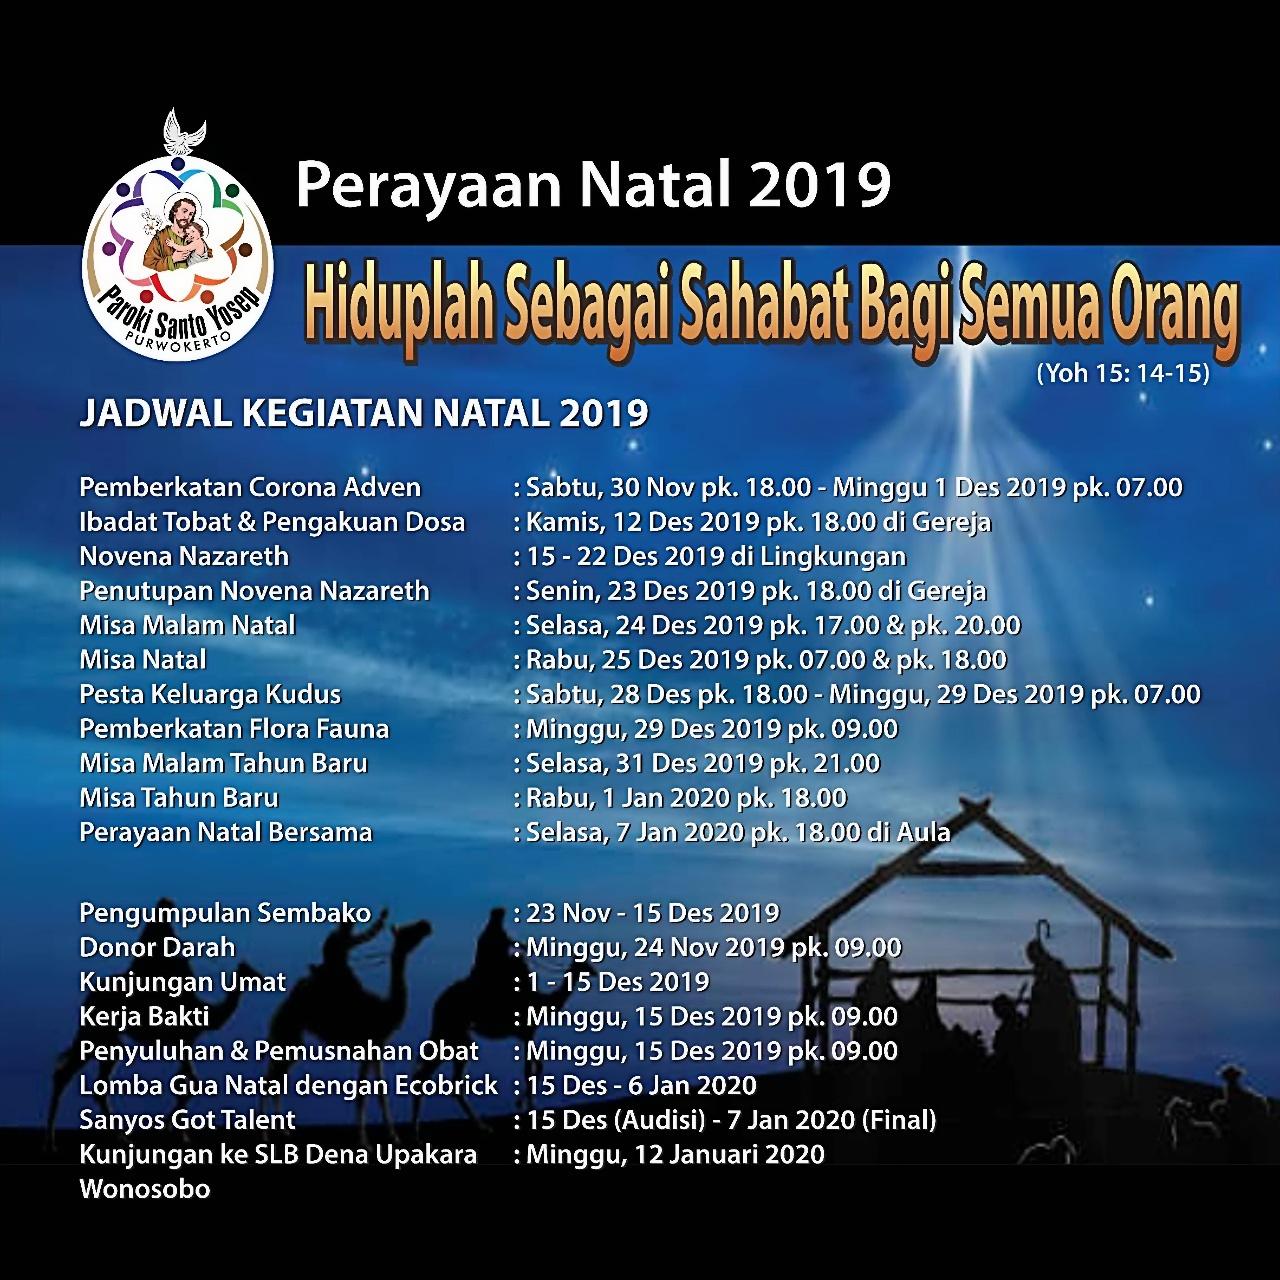 Jadwal Kegiatan Natal 2019.jpeg